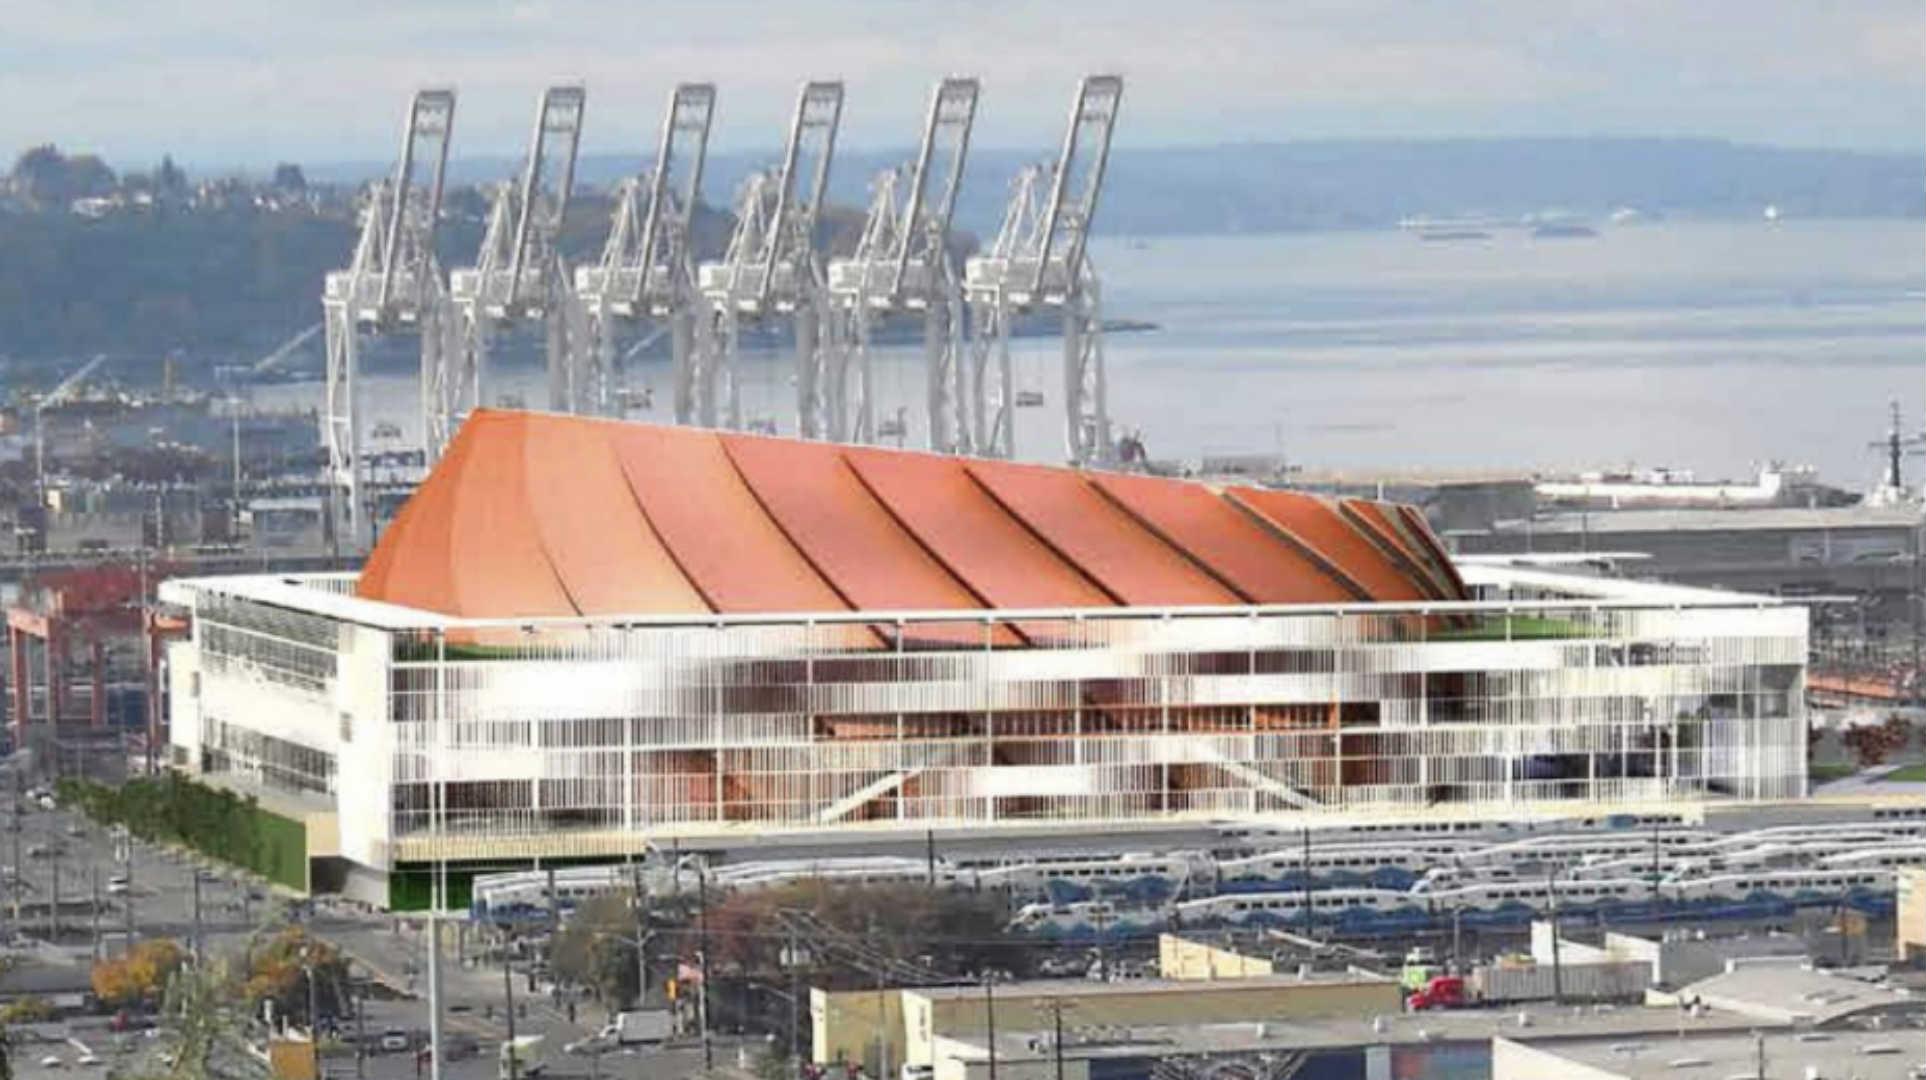 Preferred Seattle arena design